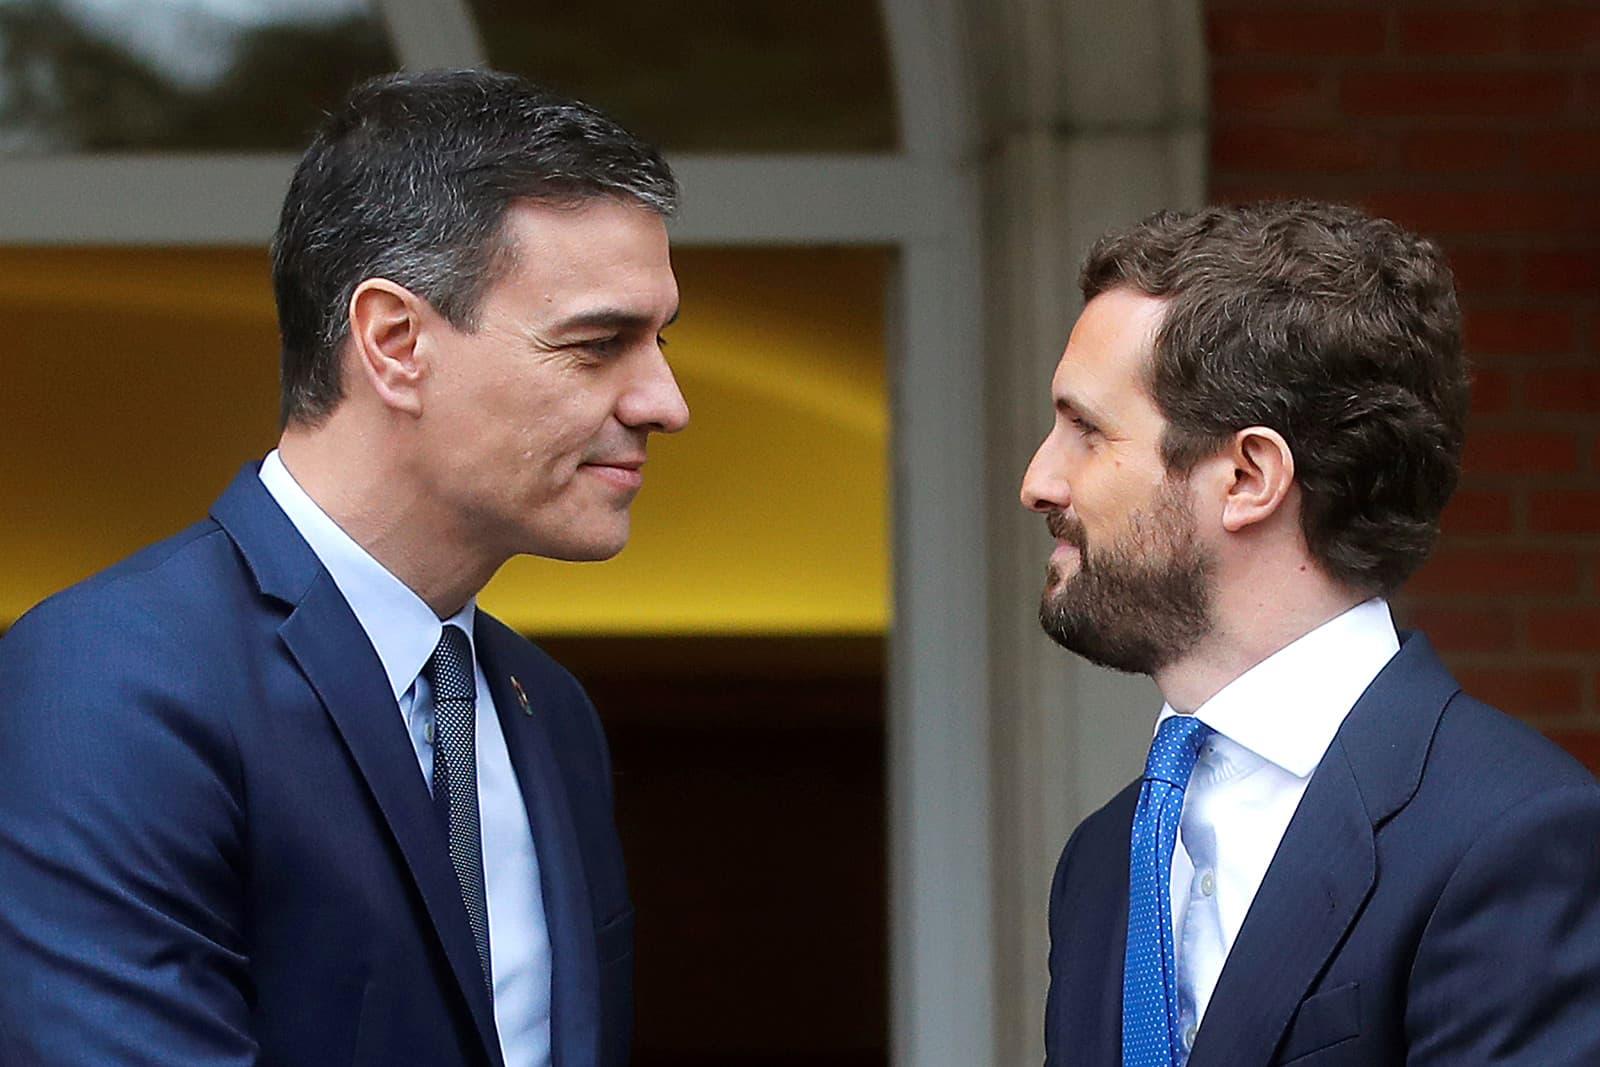 Pedro Sánchez i Pablo Casado a la Moncloa el 17 de febrer. Fotografia de Juan Carlos Hidalgo/Efe